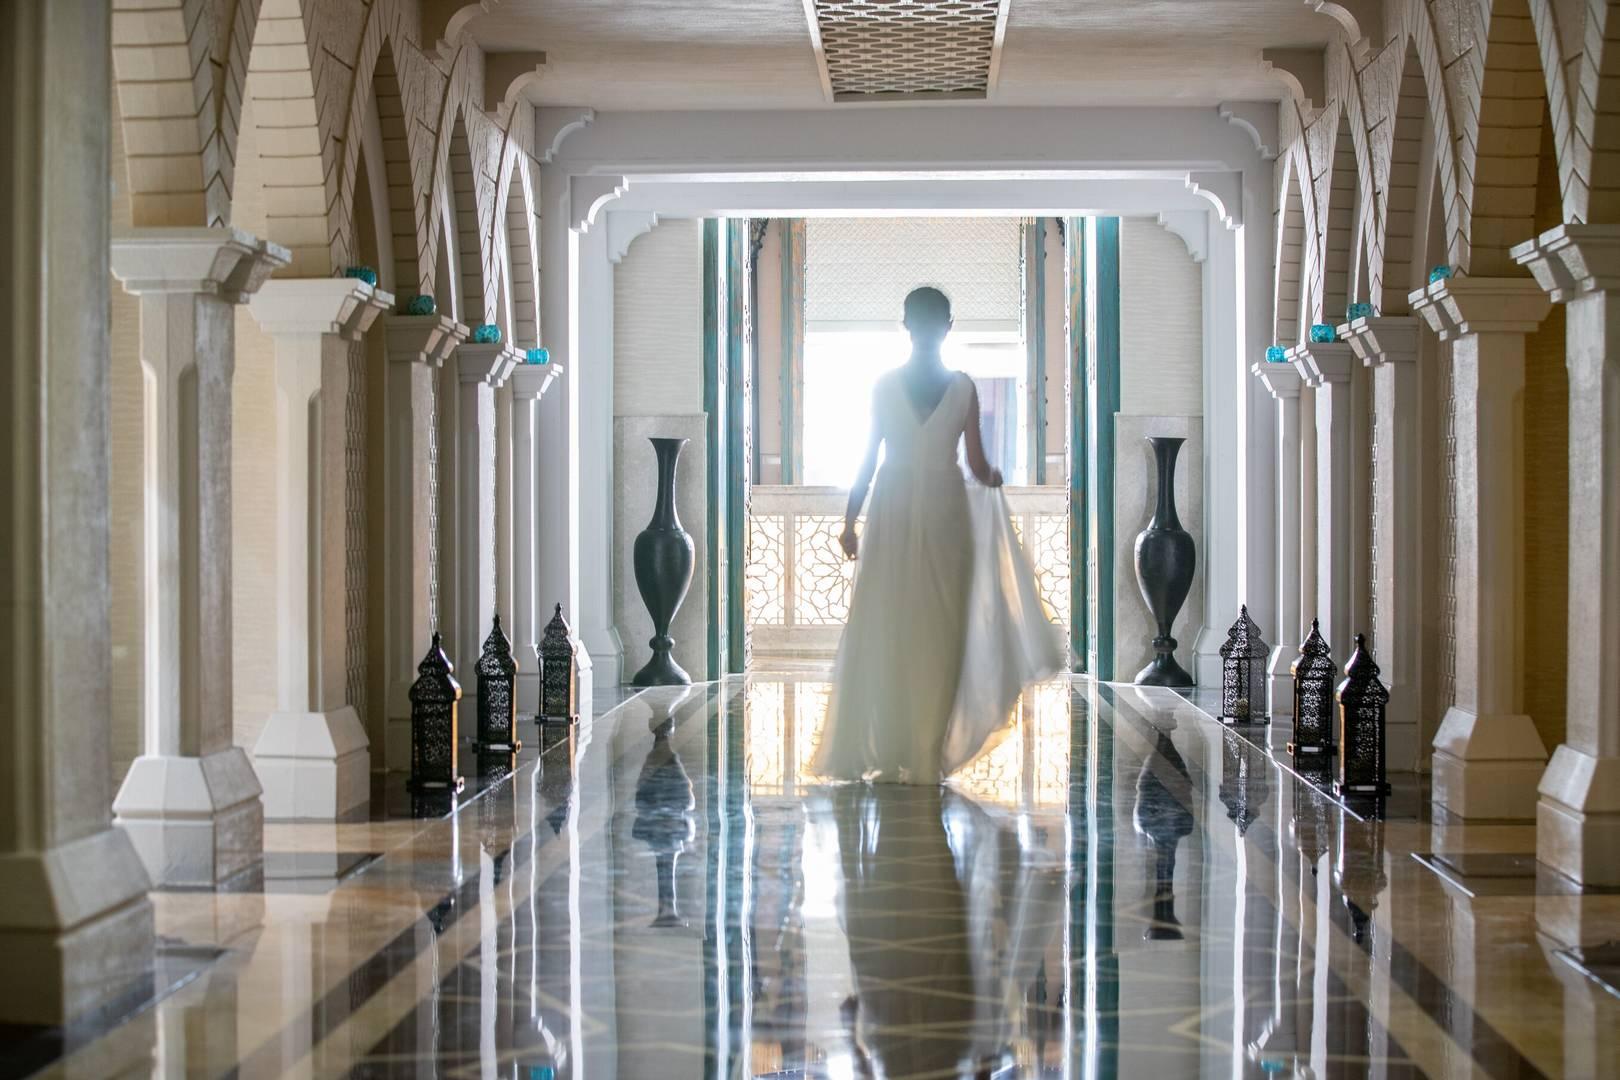 Entrance to Talise Ottoman Spa at Jumeirah Zabeel Saray